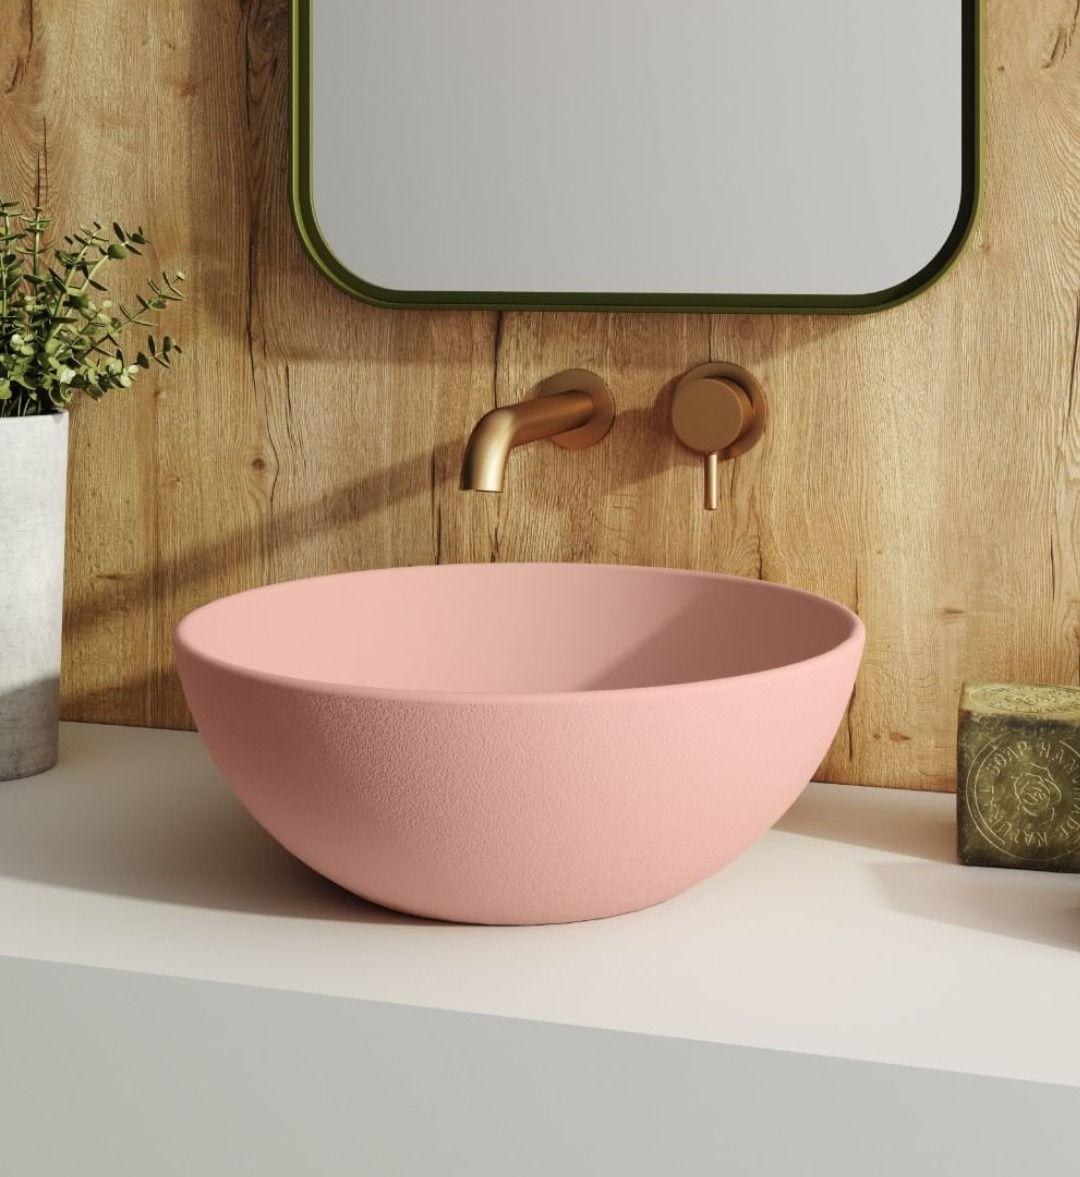 salle de bain meuble blanc vasque rose